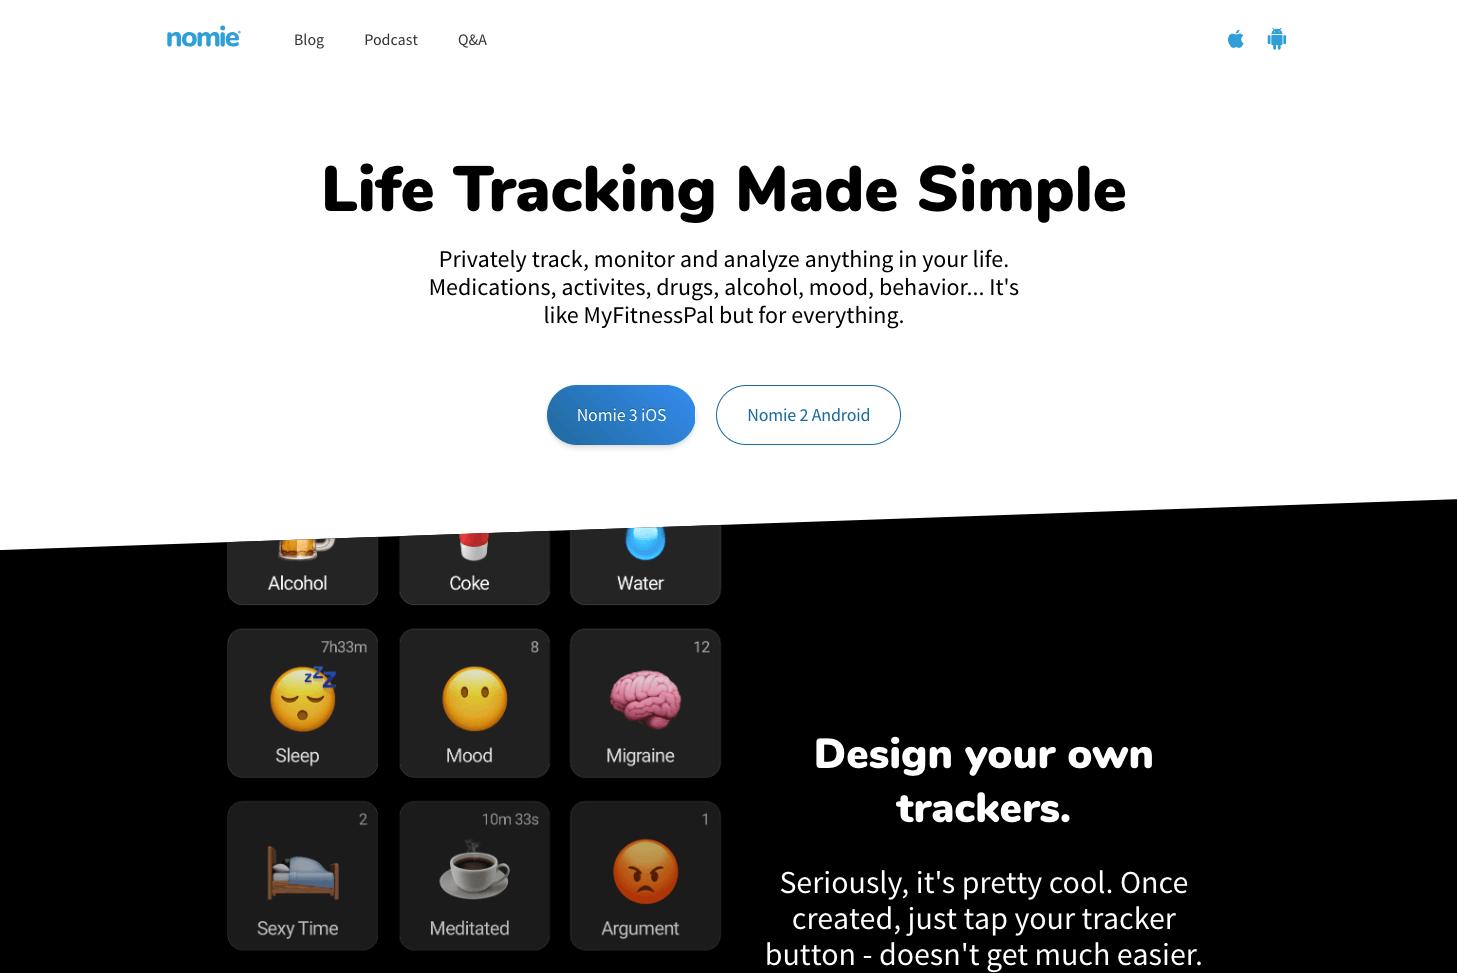 Nomie Website Design